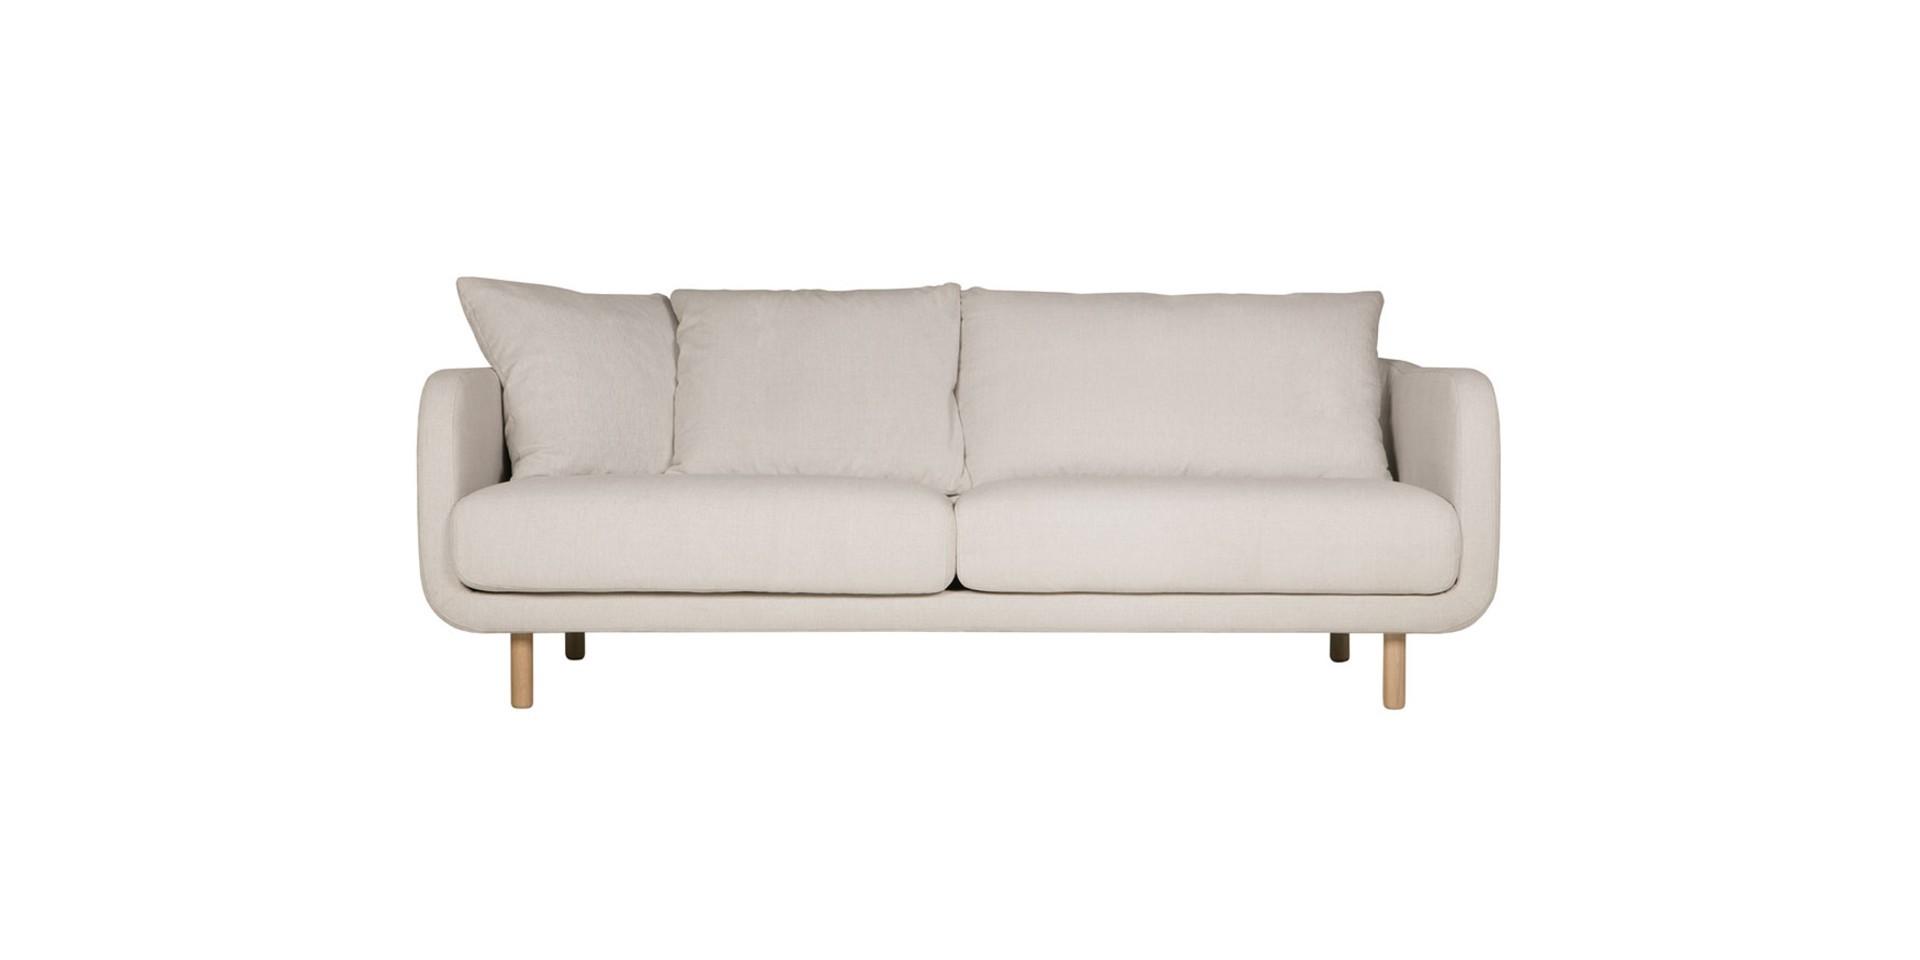 Trzyosobowa wersja sofy Jenny firmy Sits. Fot. Sits